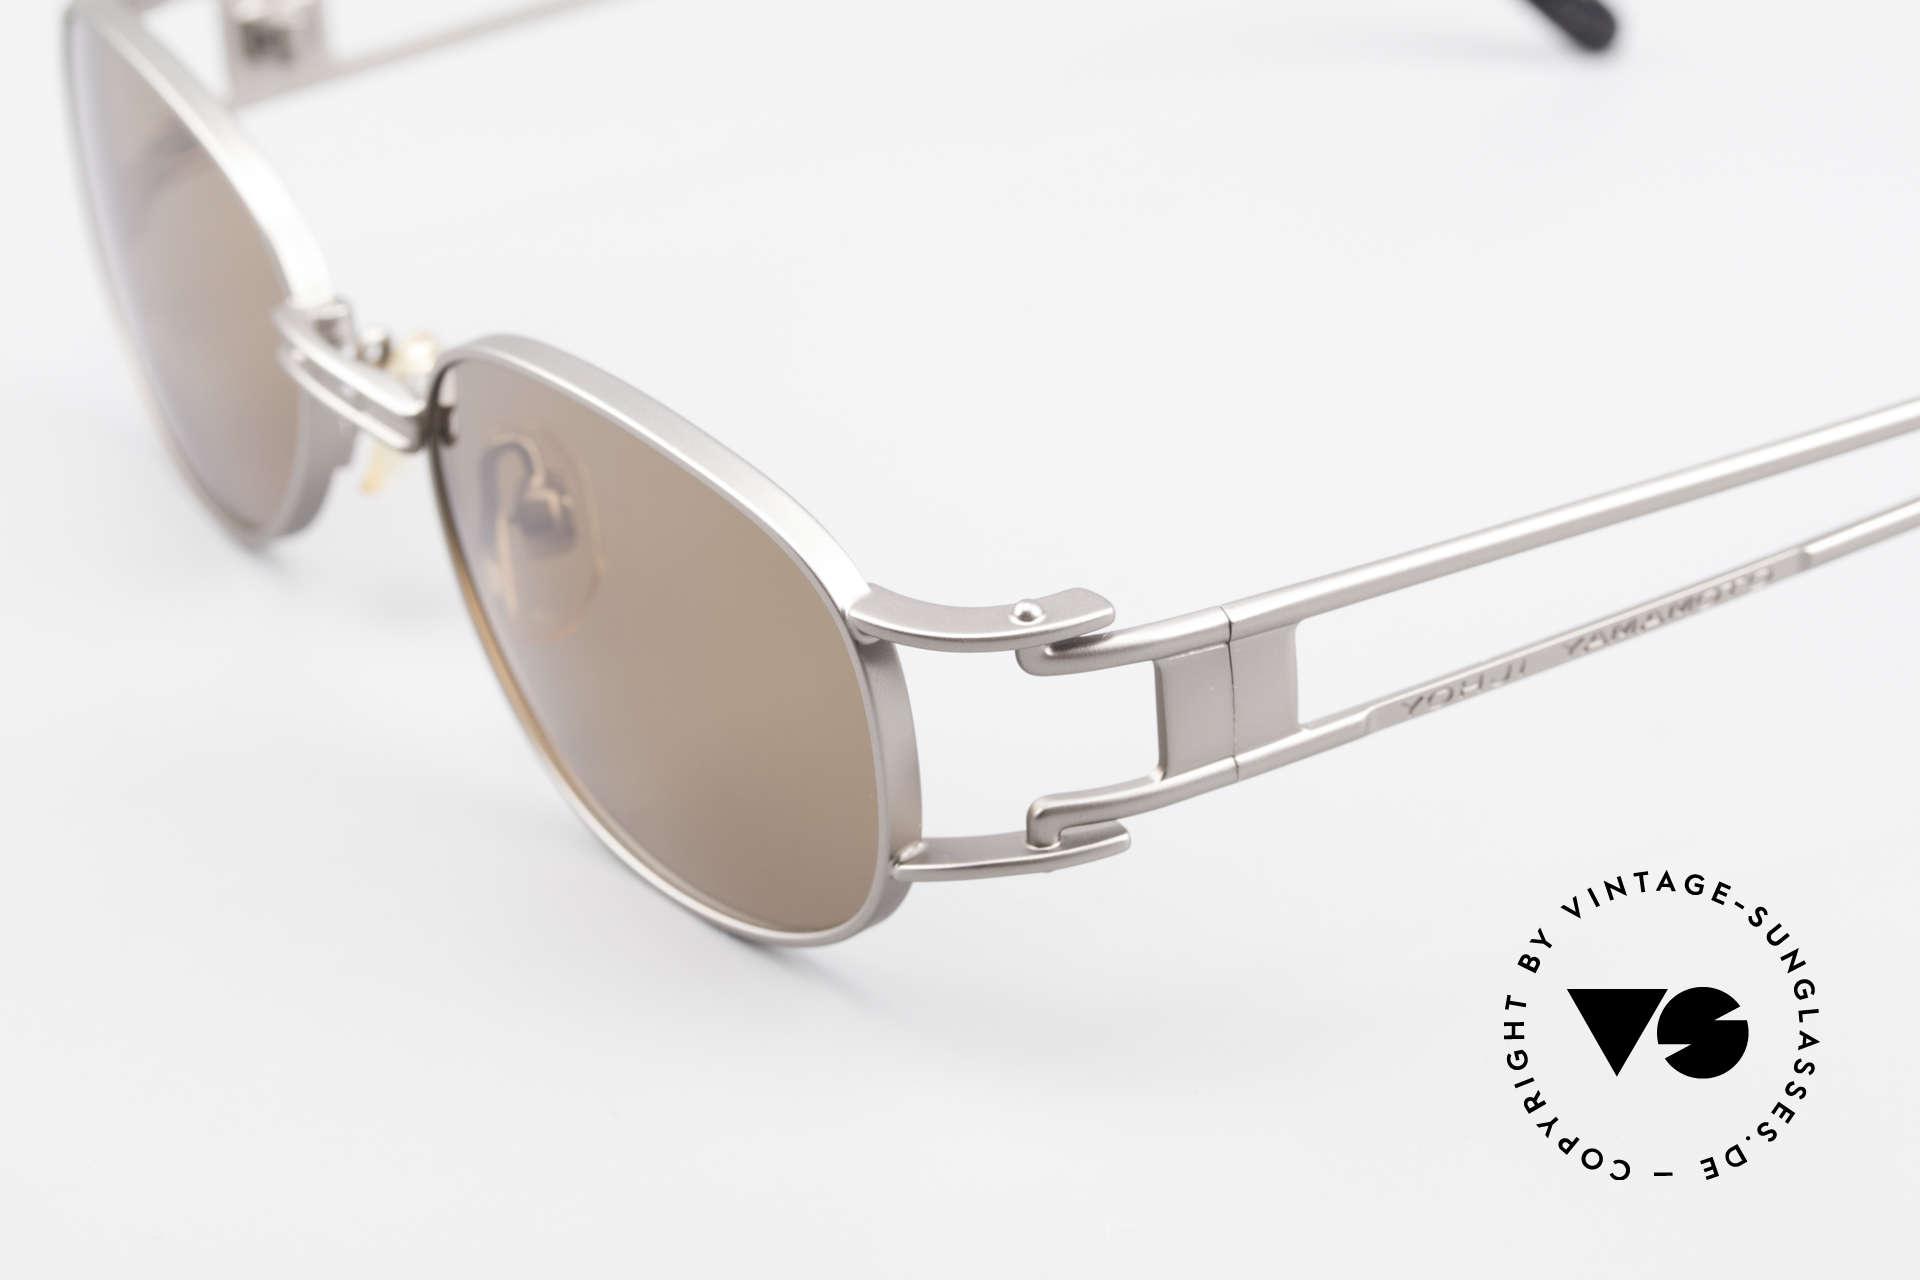 Yohji Yamamoto 52-6106 Vintage Designerbrille Oval, ungetragen (wie alle unsere vintage Design-Sonnenbrillen), Passend für Herren und Damen